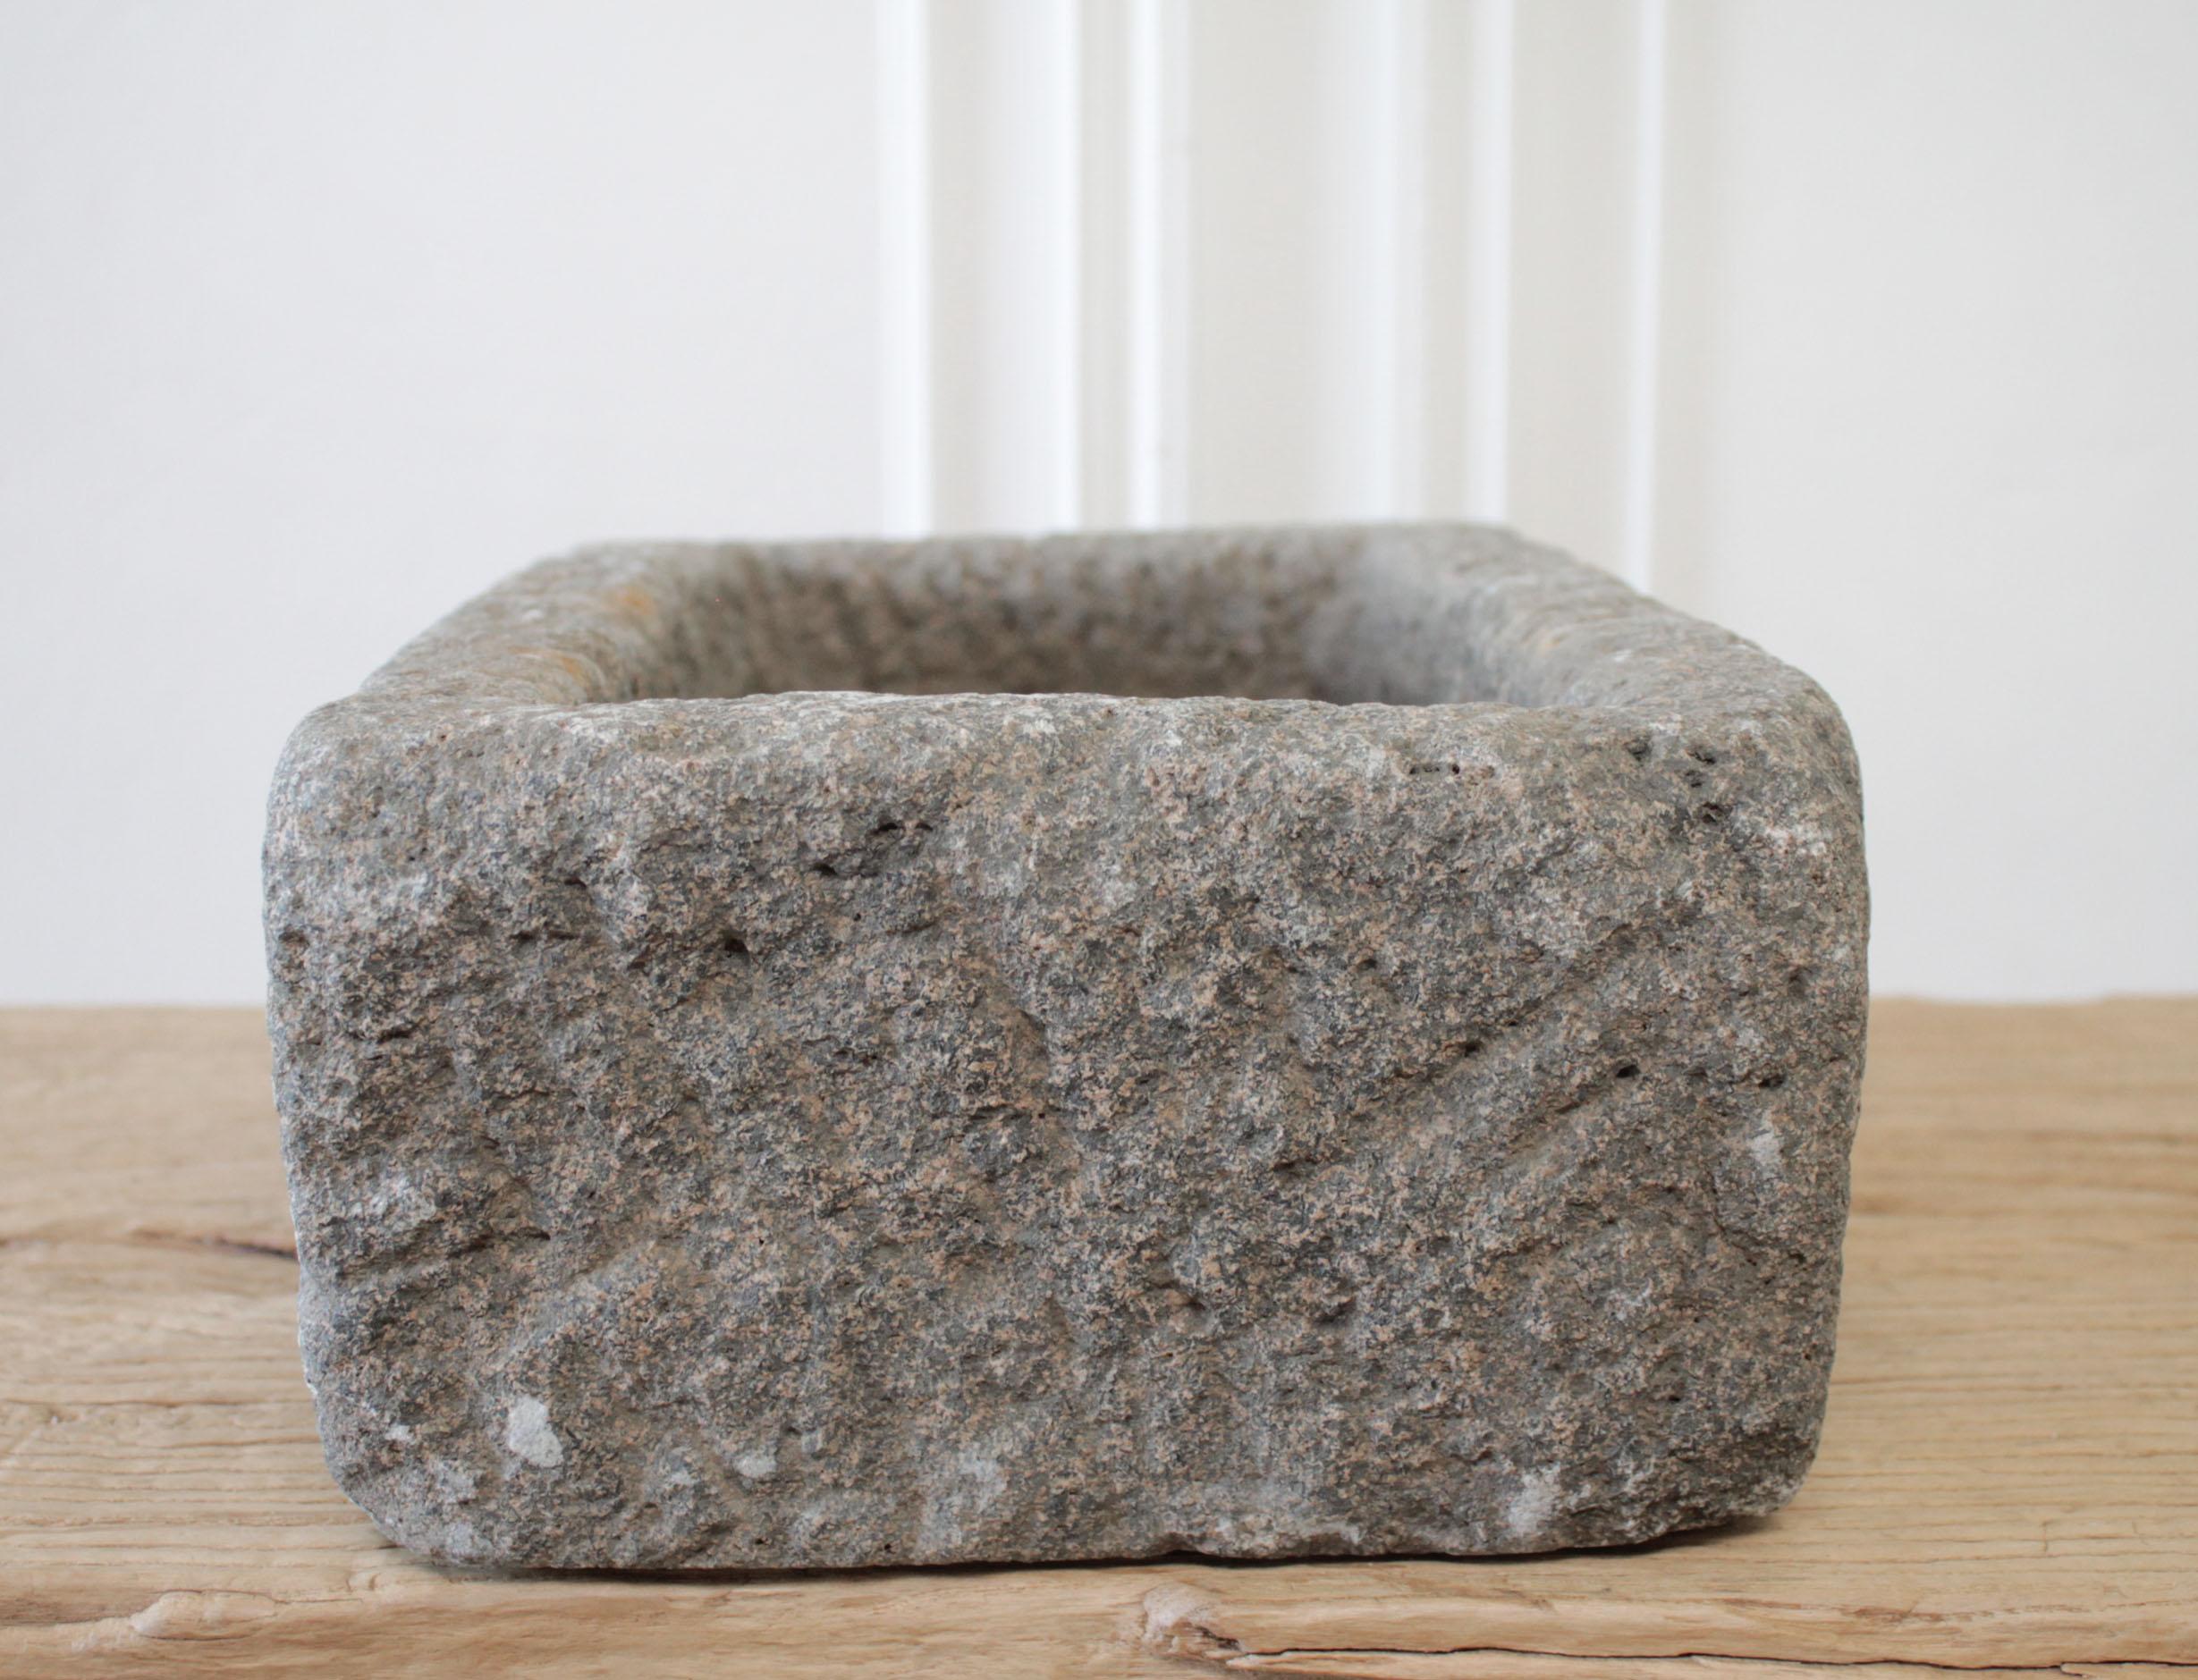 Vintage Carved Stone Mortar